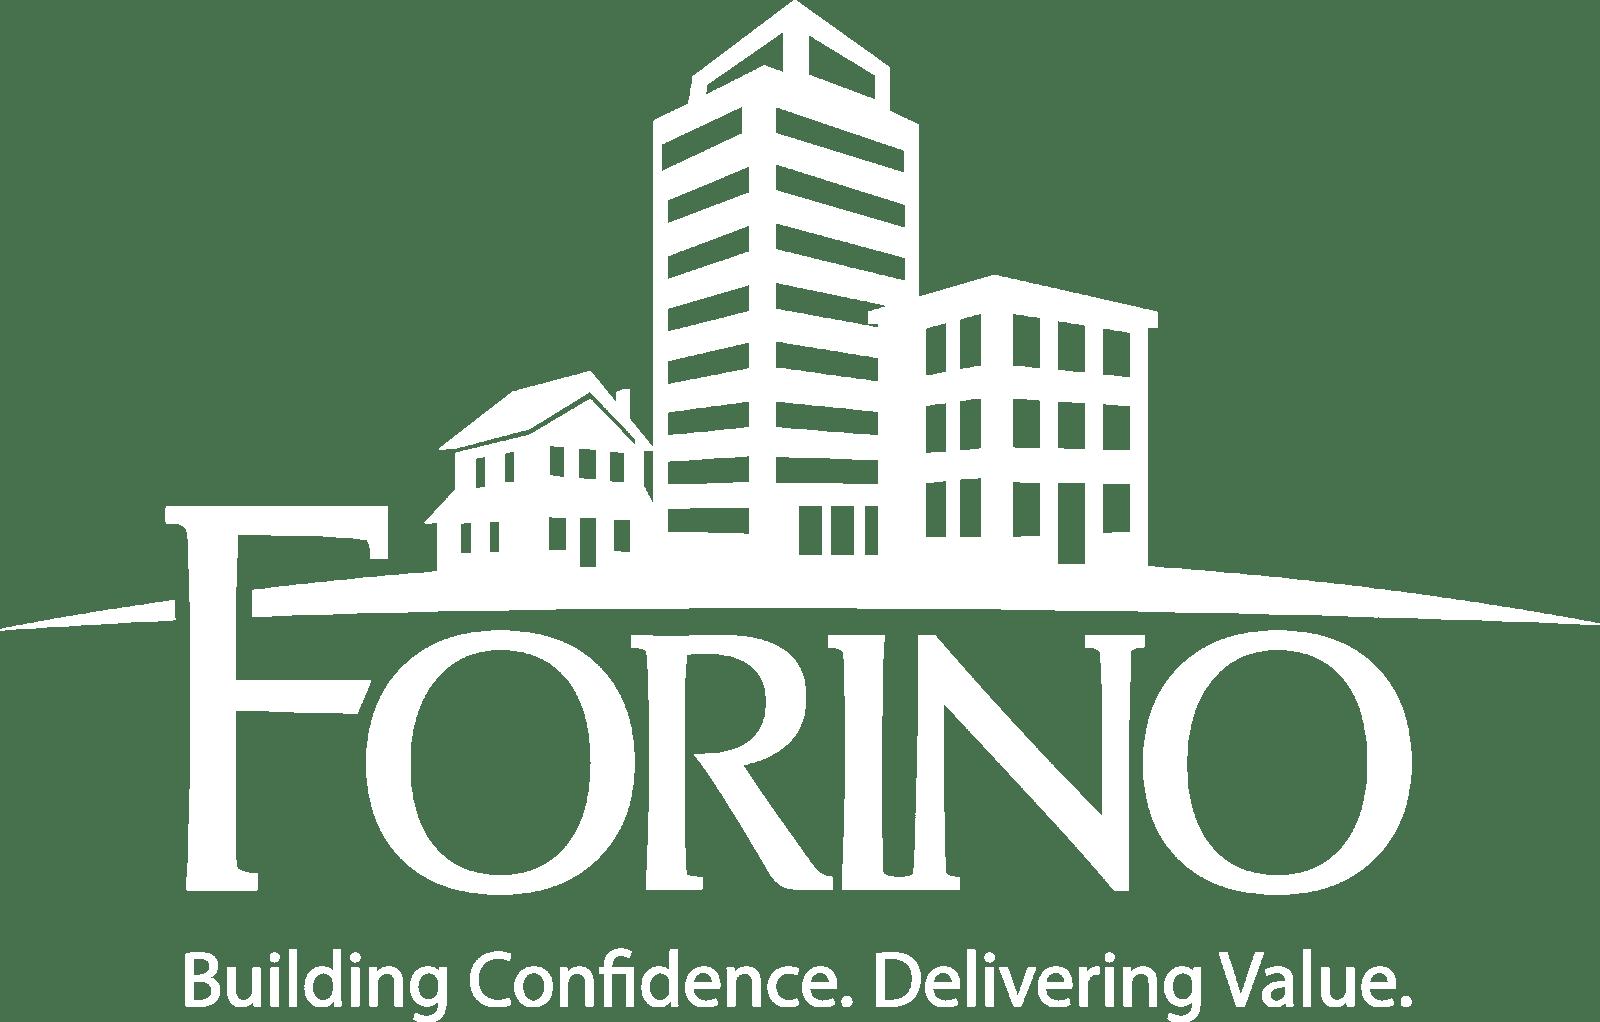 Forino White tagline